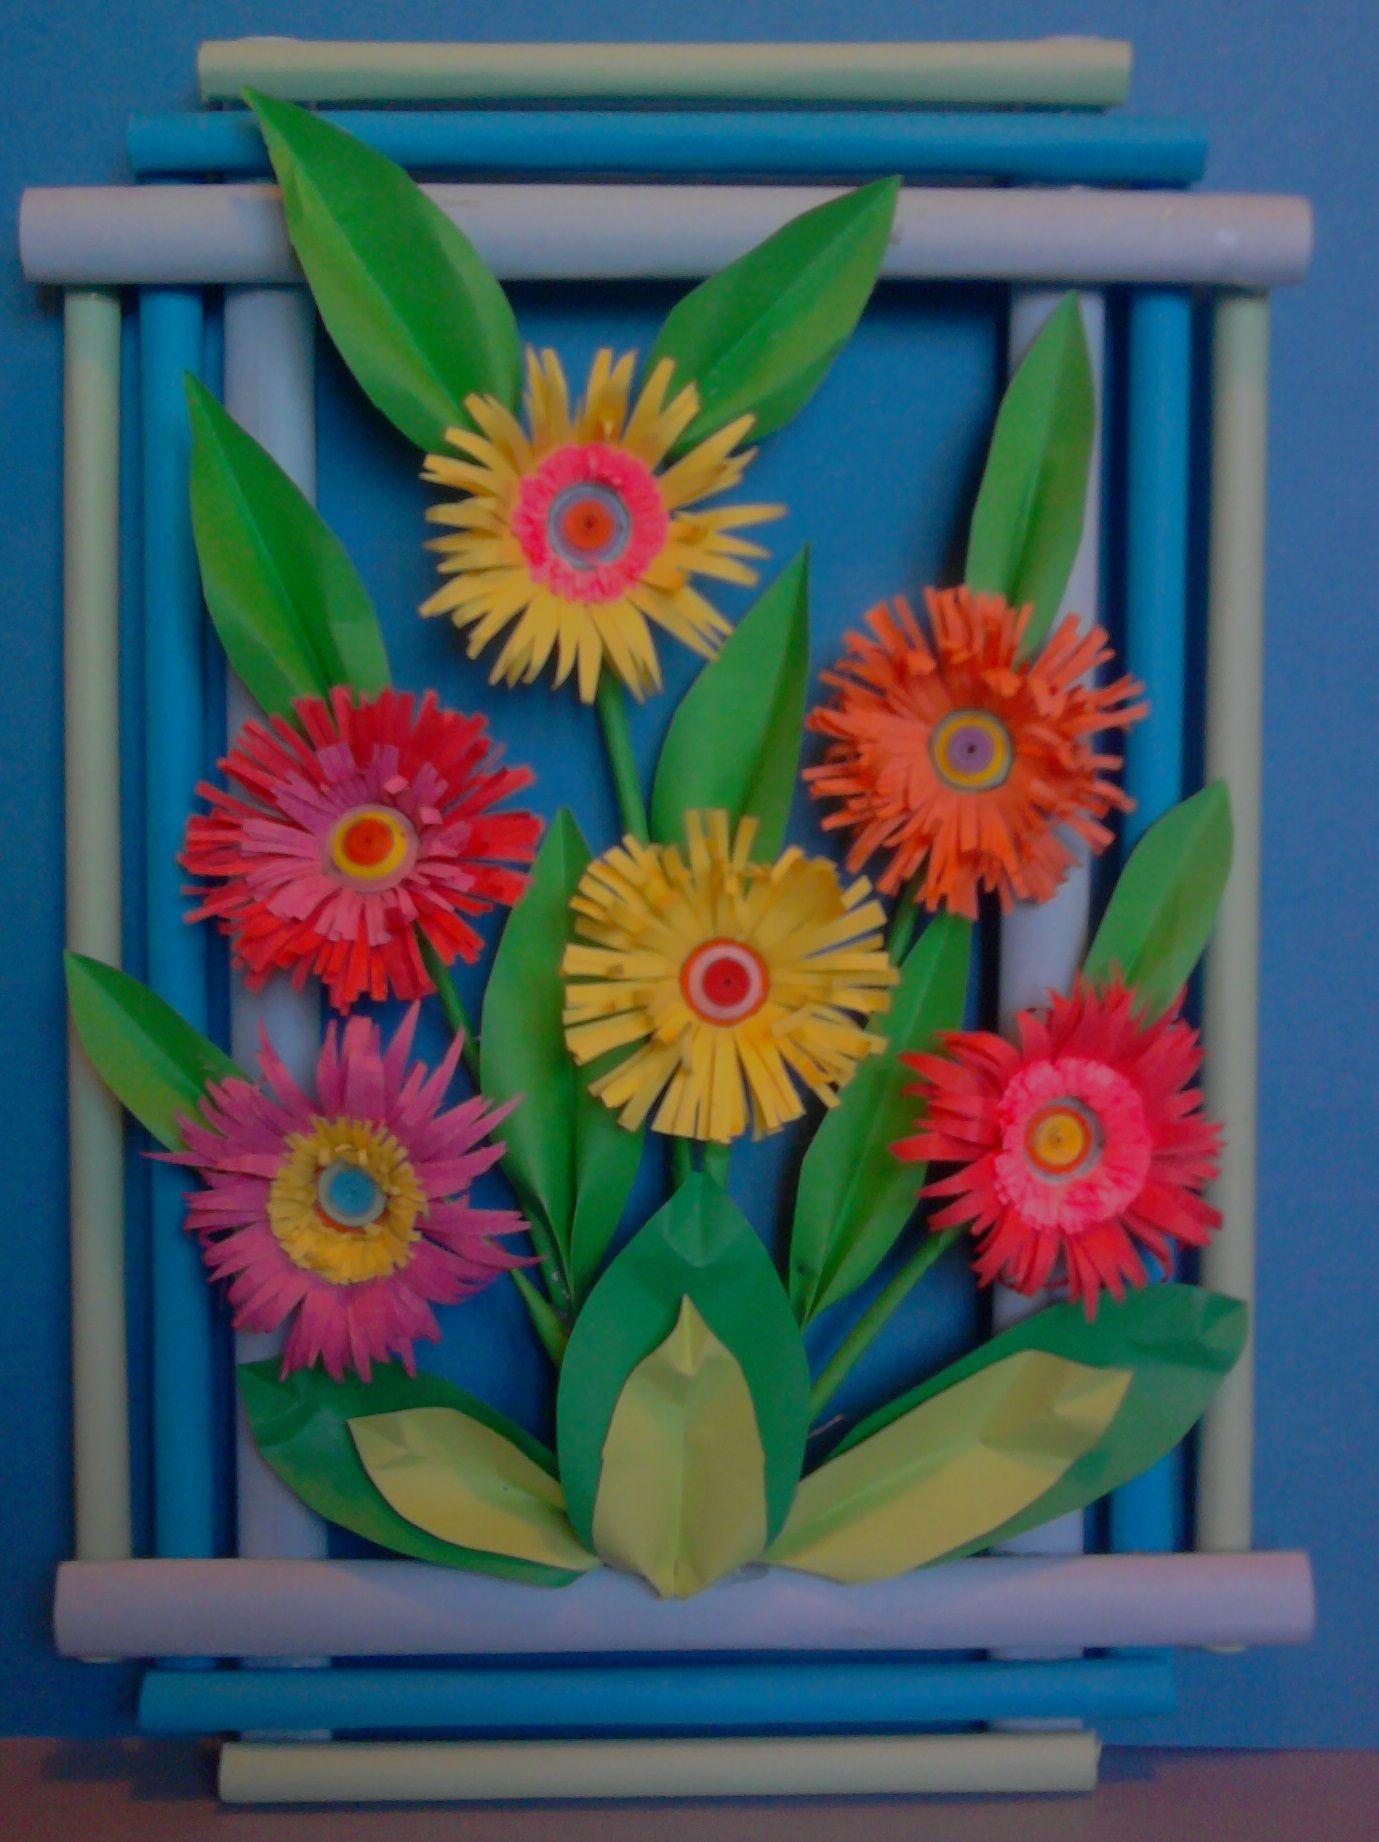 Kwiaty Z Papieru Ikebana Prace Plastyczne Dariusz Zolynski Flowers Paper Paper Flowers Orgiami Kirigami Wycinanki Flower Crafts Paper Flowers Crafts